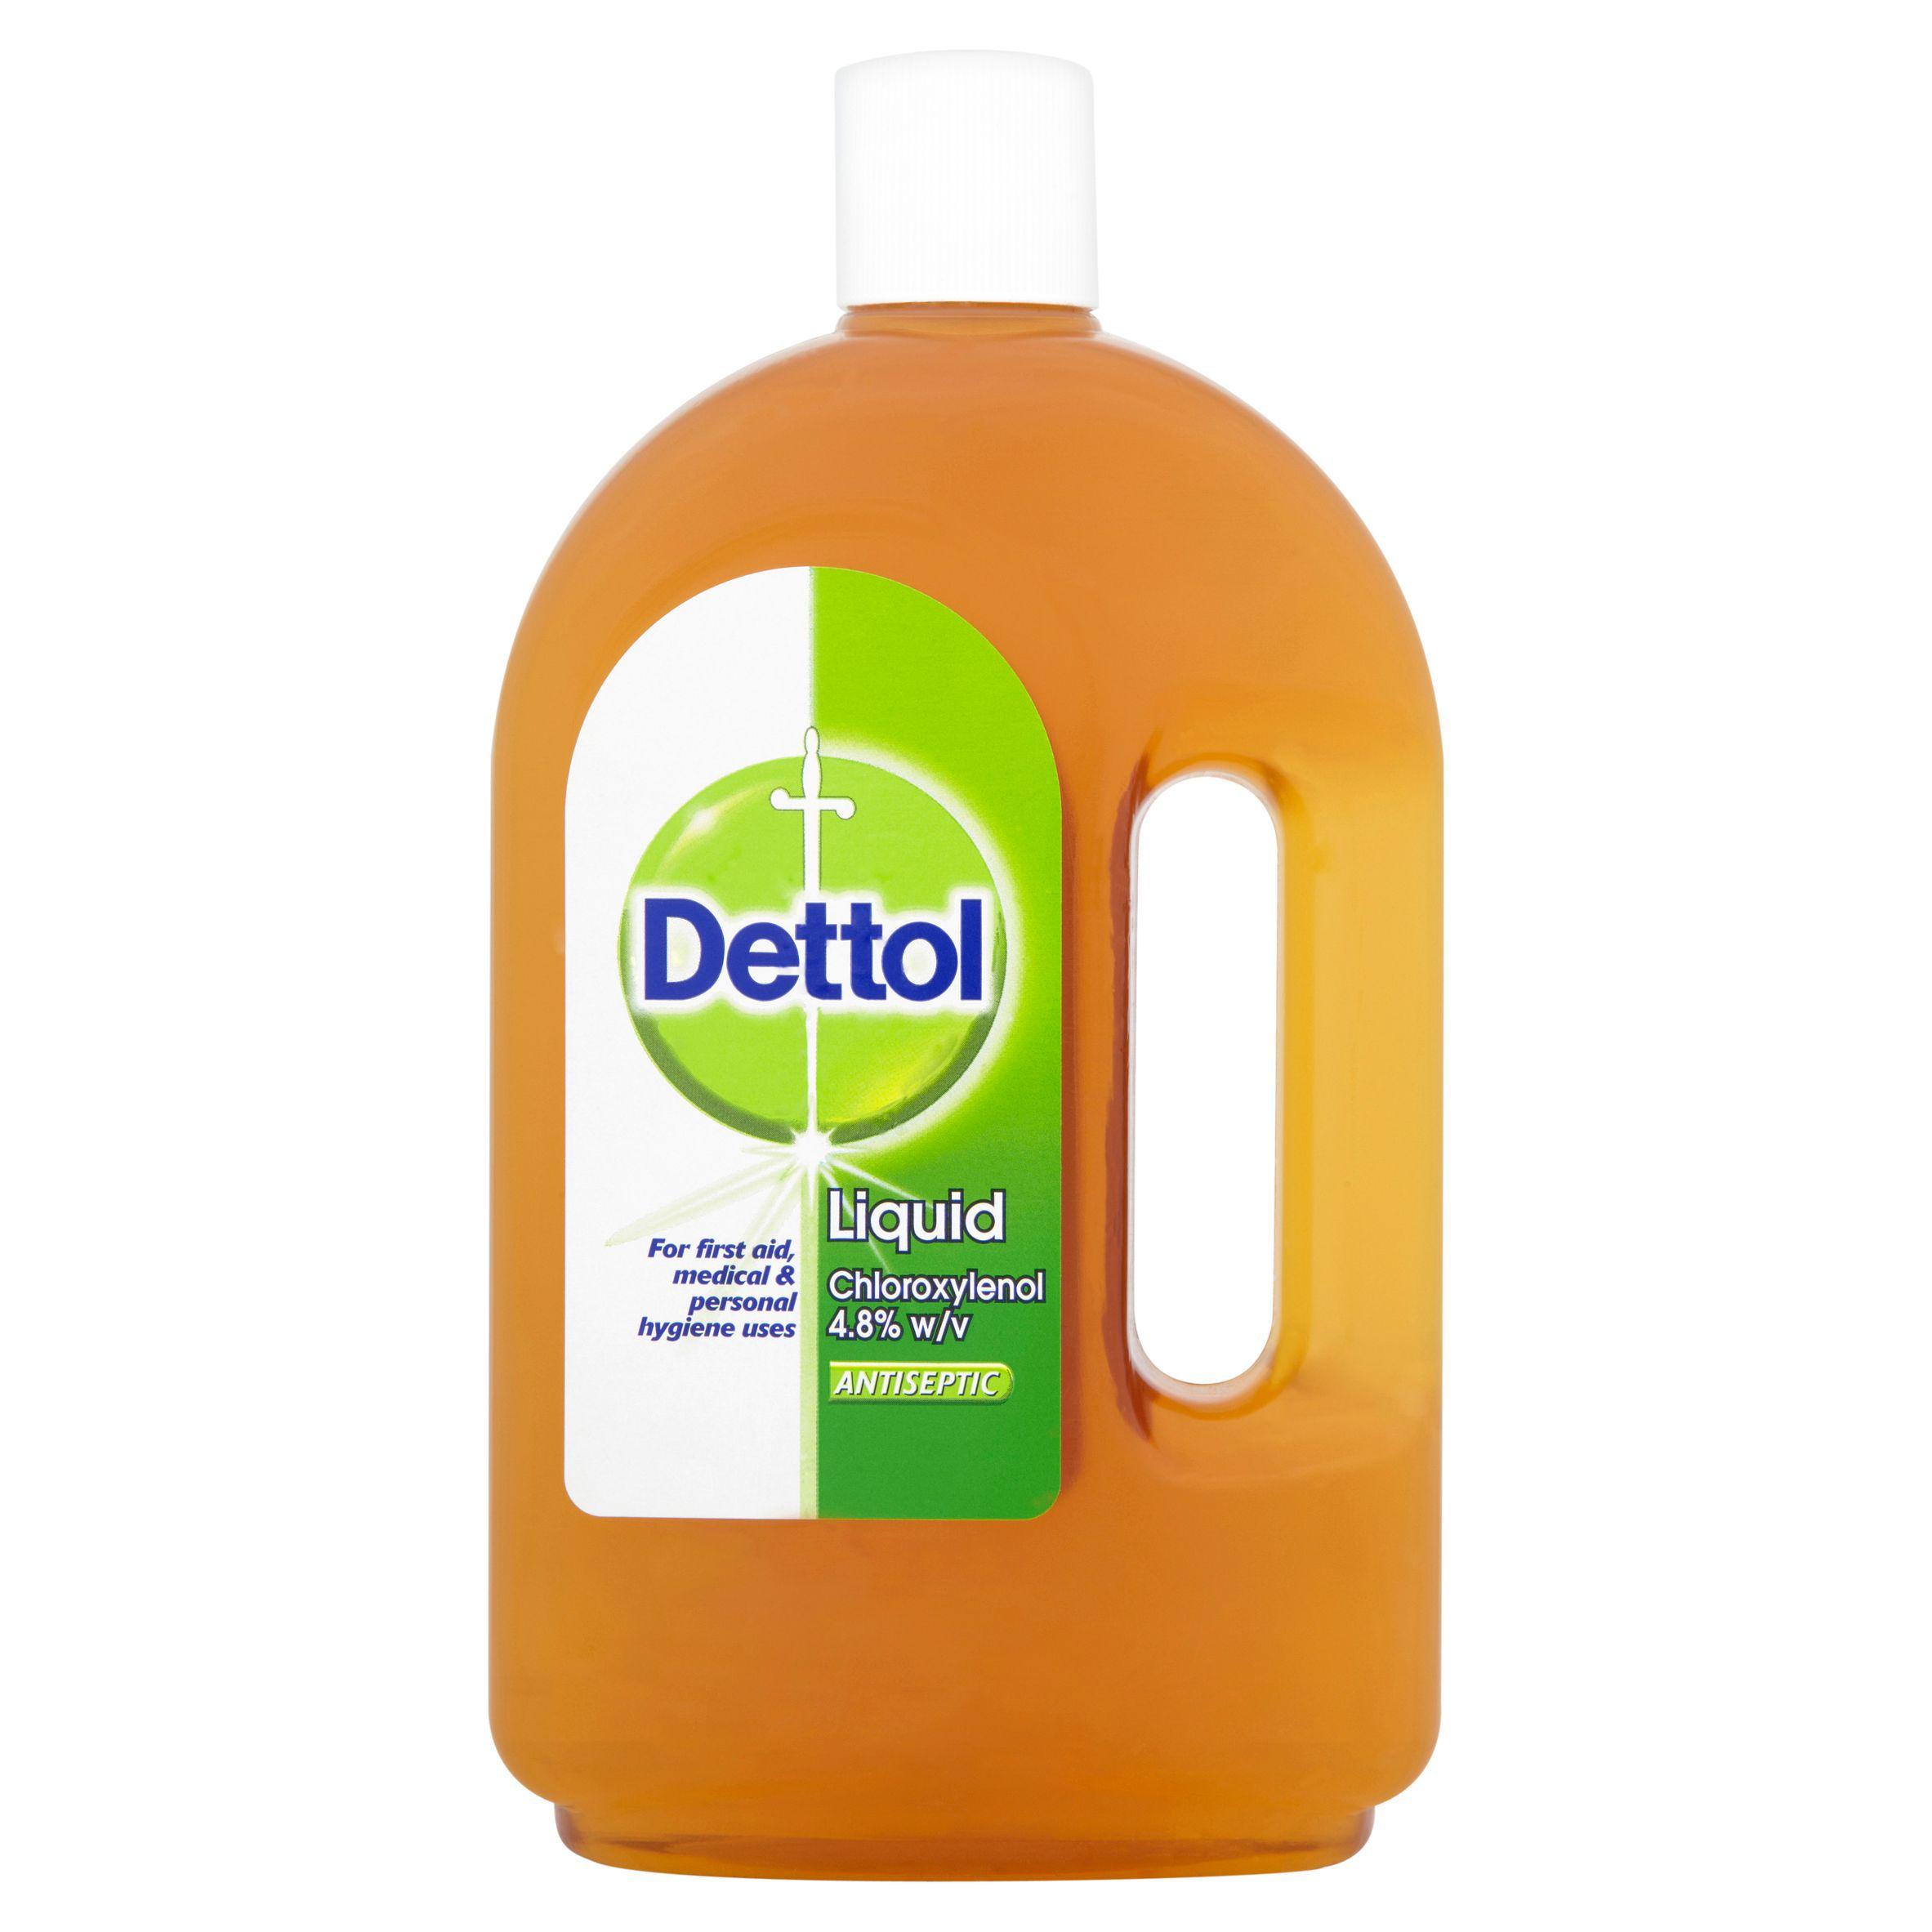 Dettol Liquid Antiseptic 750 Ml Departments Diy At B Amp Q